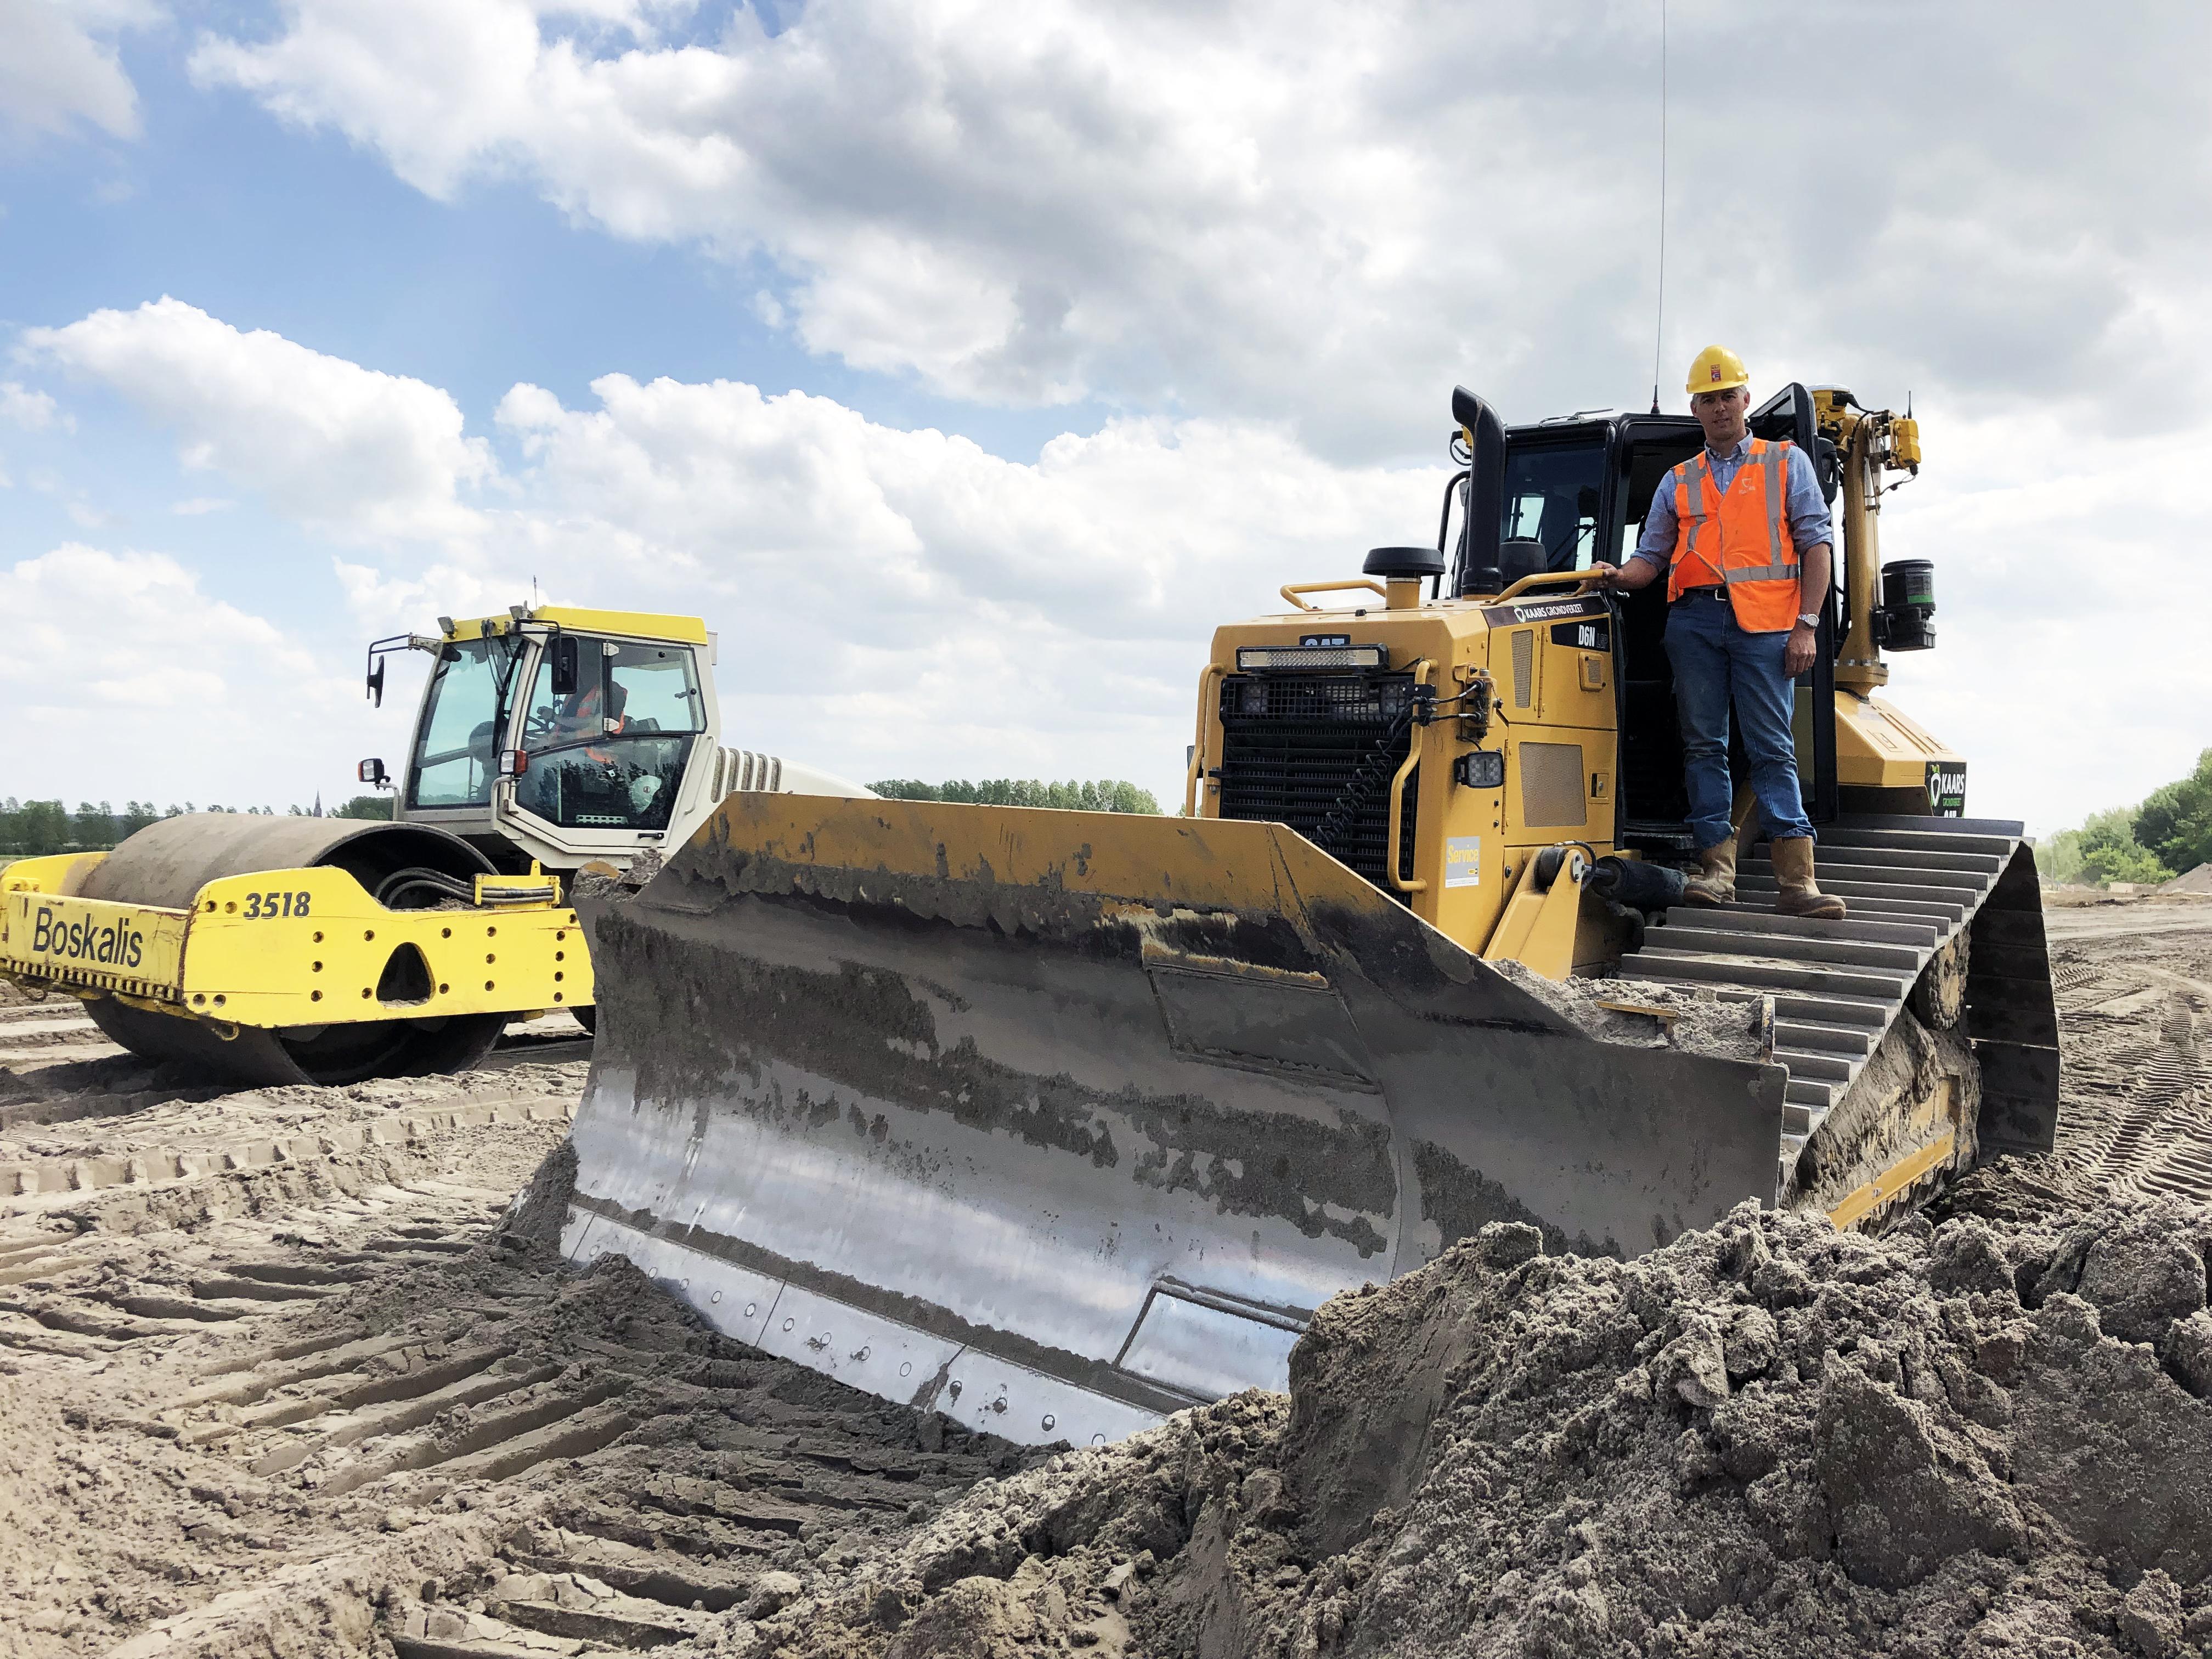 Jeroen Kik op de bulldozer aan het werk op het knooppunt Sloeweg, mei 2019